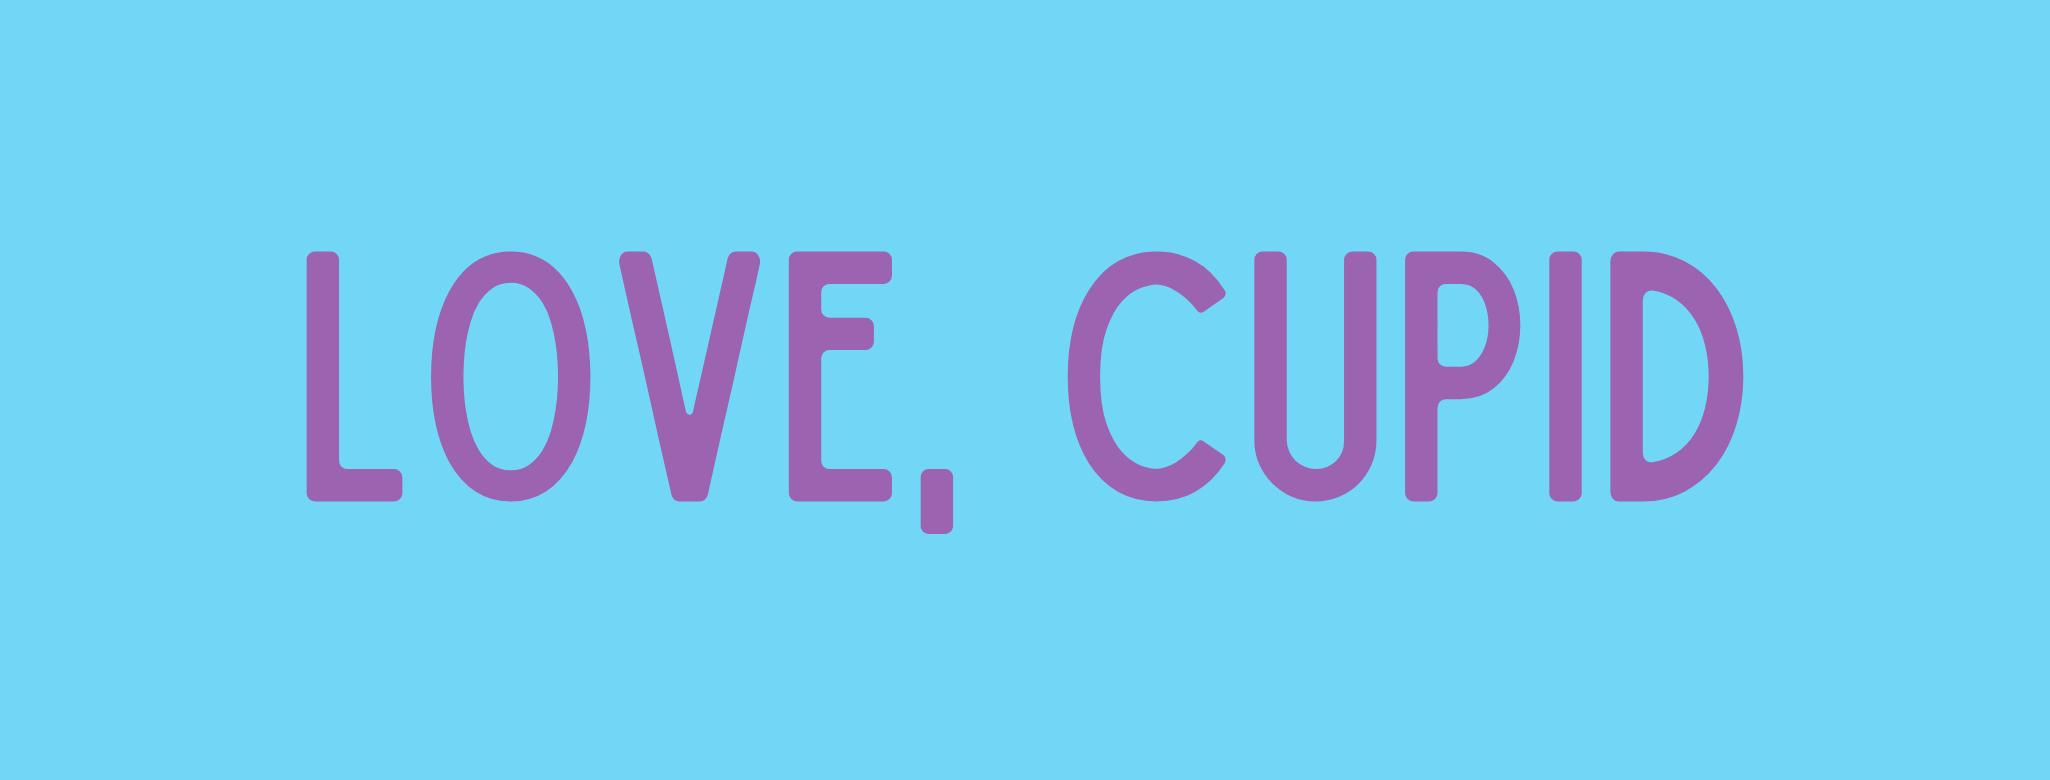 Love, Cupid